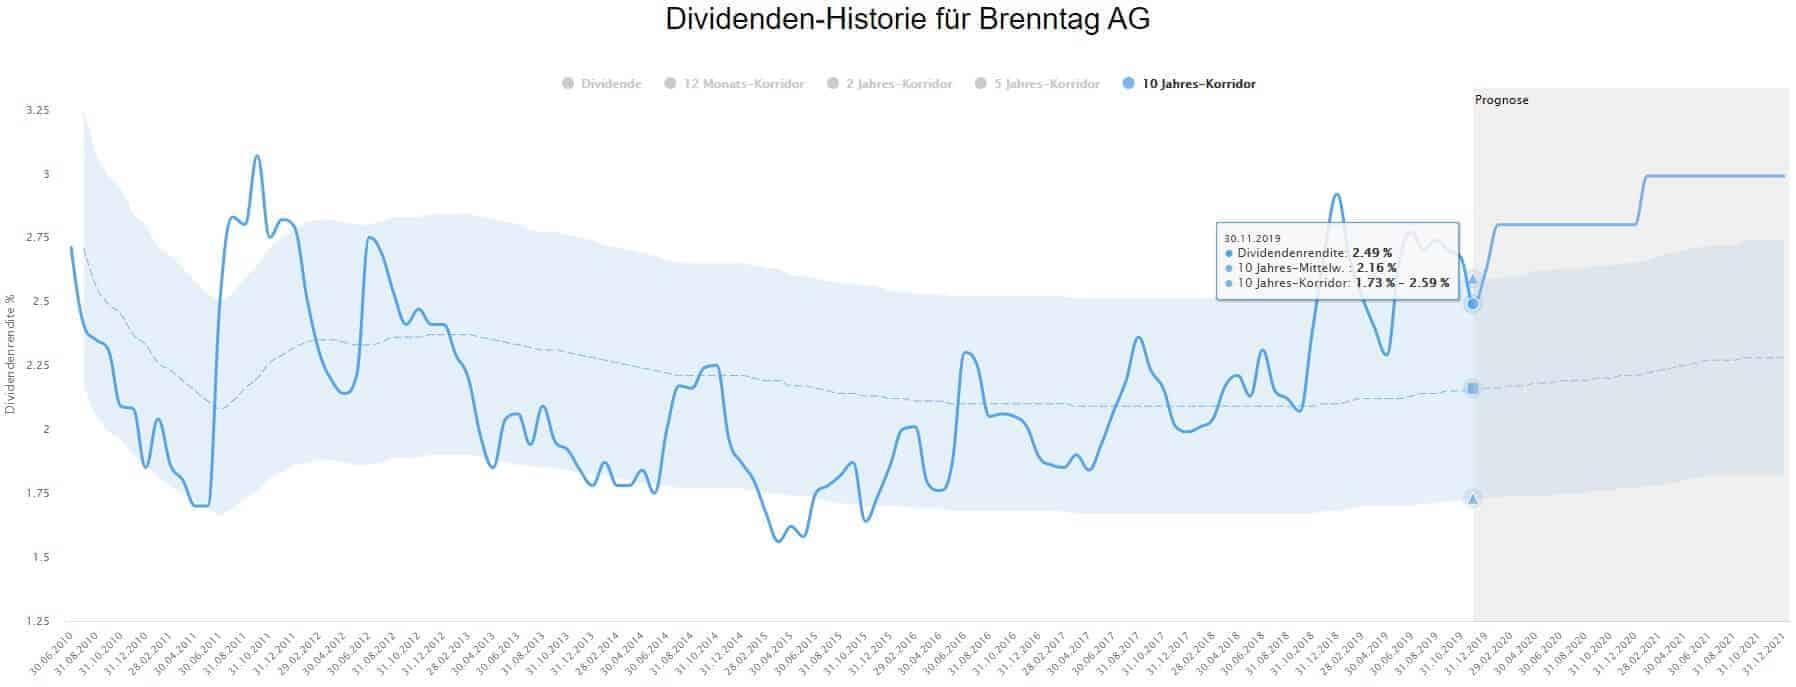 Die Dividendenhistorie der Brenntag Aktie im Dividenden-Turbo